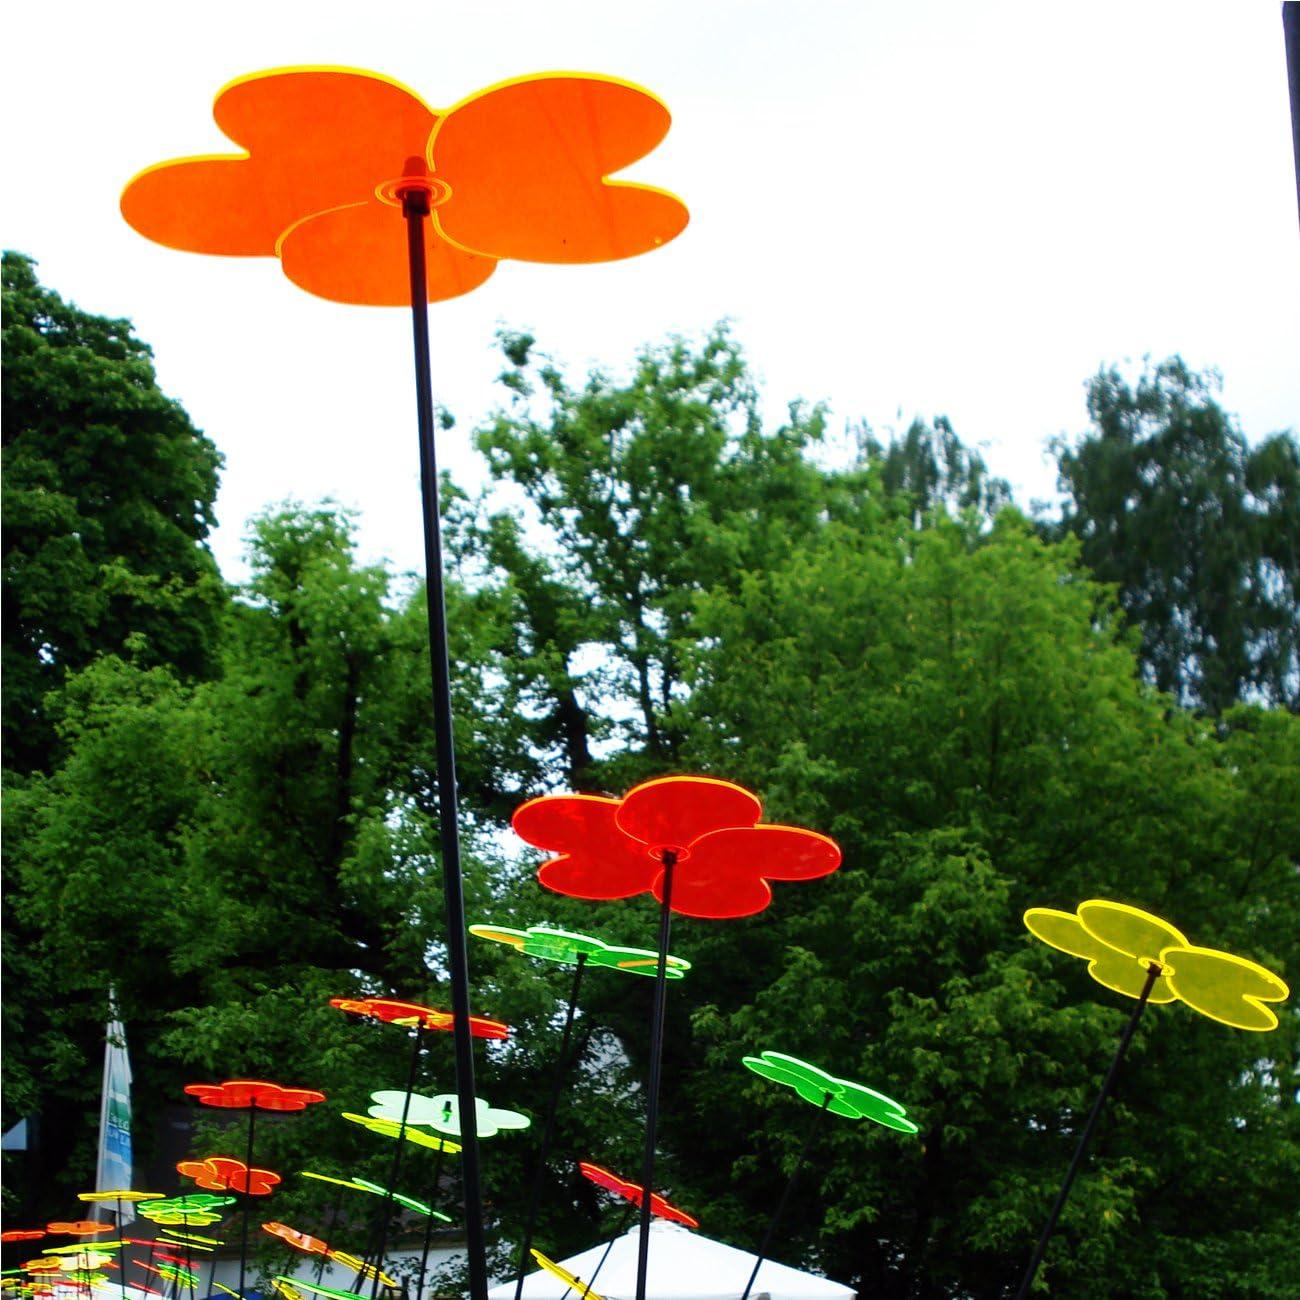 Sol atrapasueños – Juego de luz flor naranja 20 cm & # x3 C6;: Amazon.es: Jardín